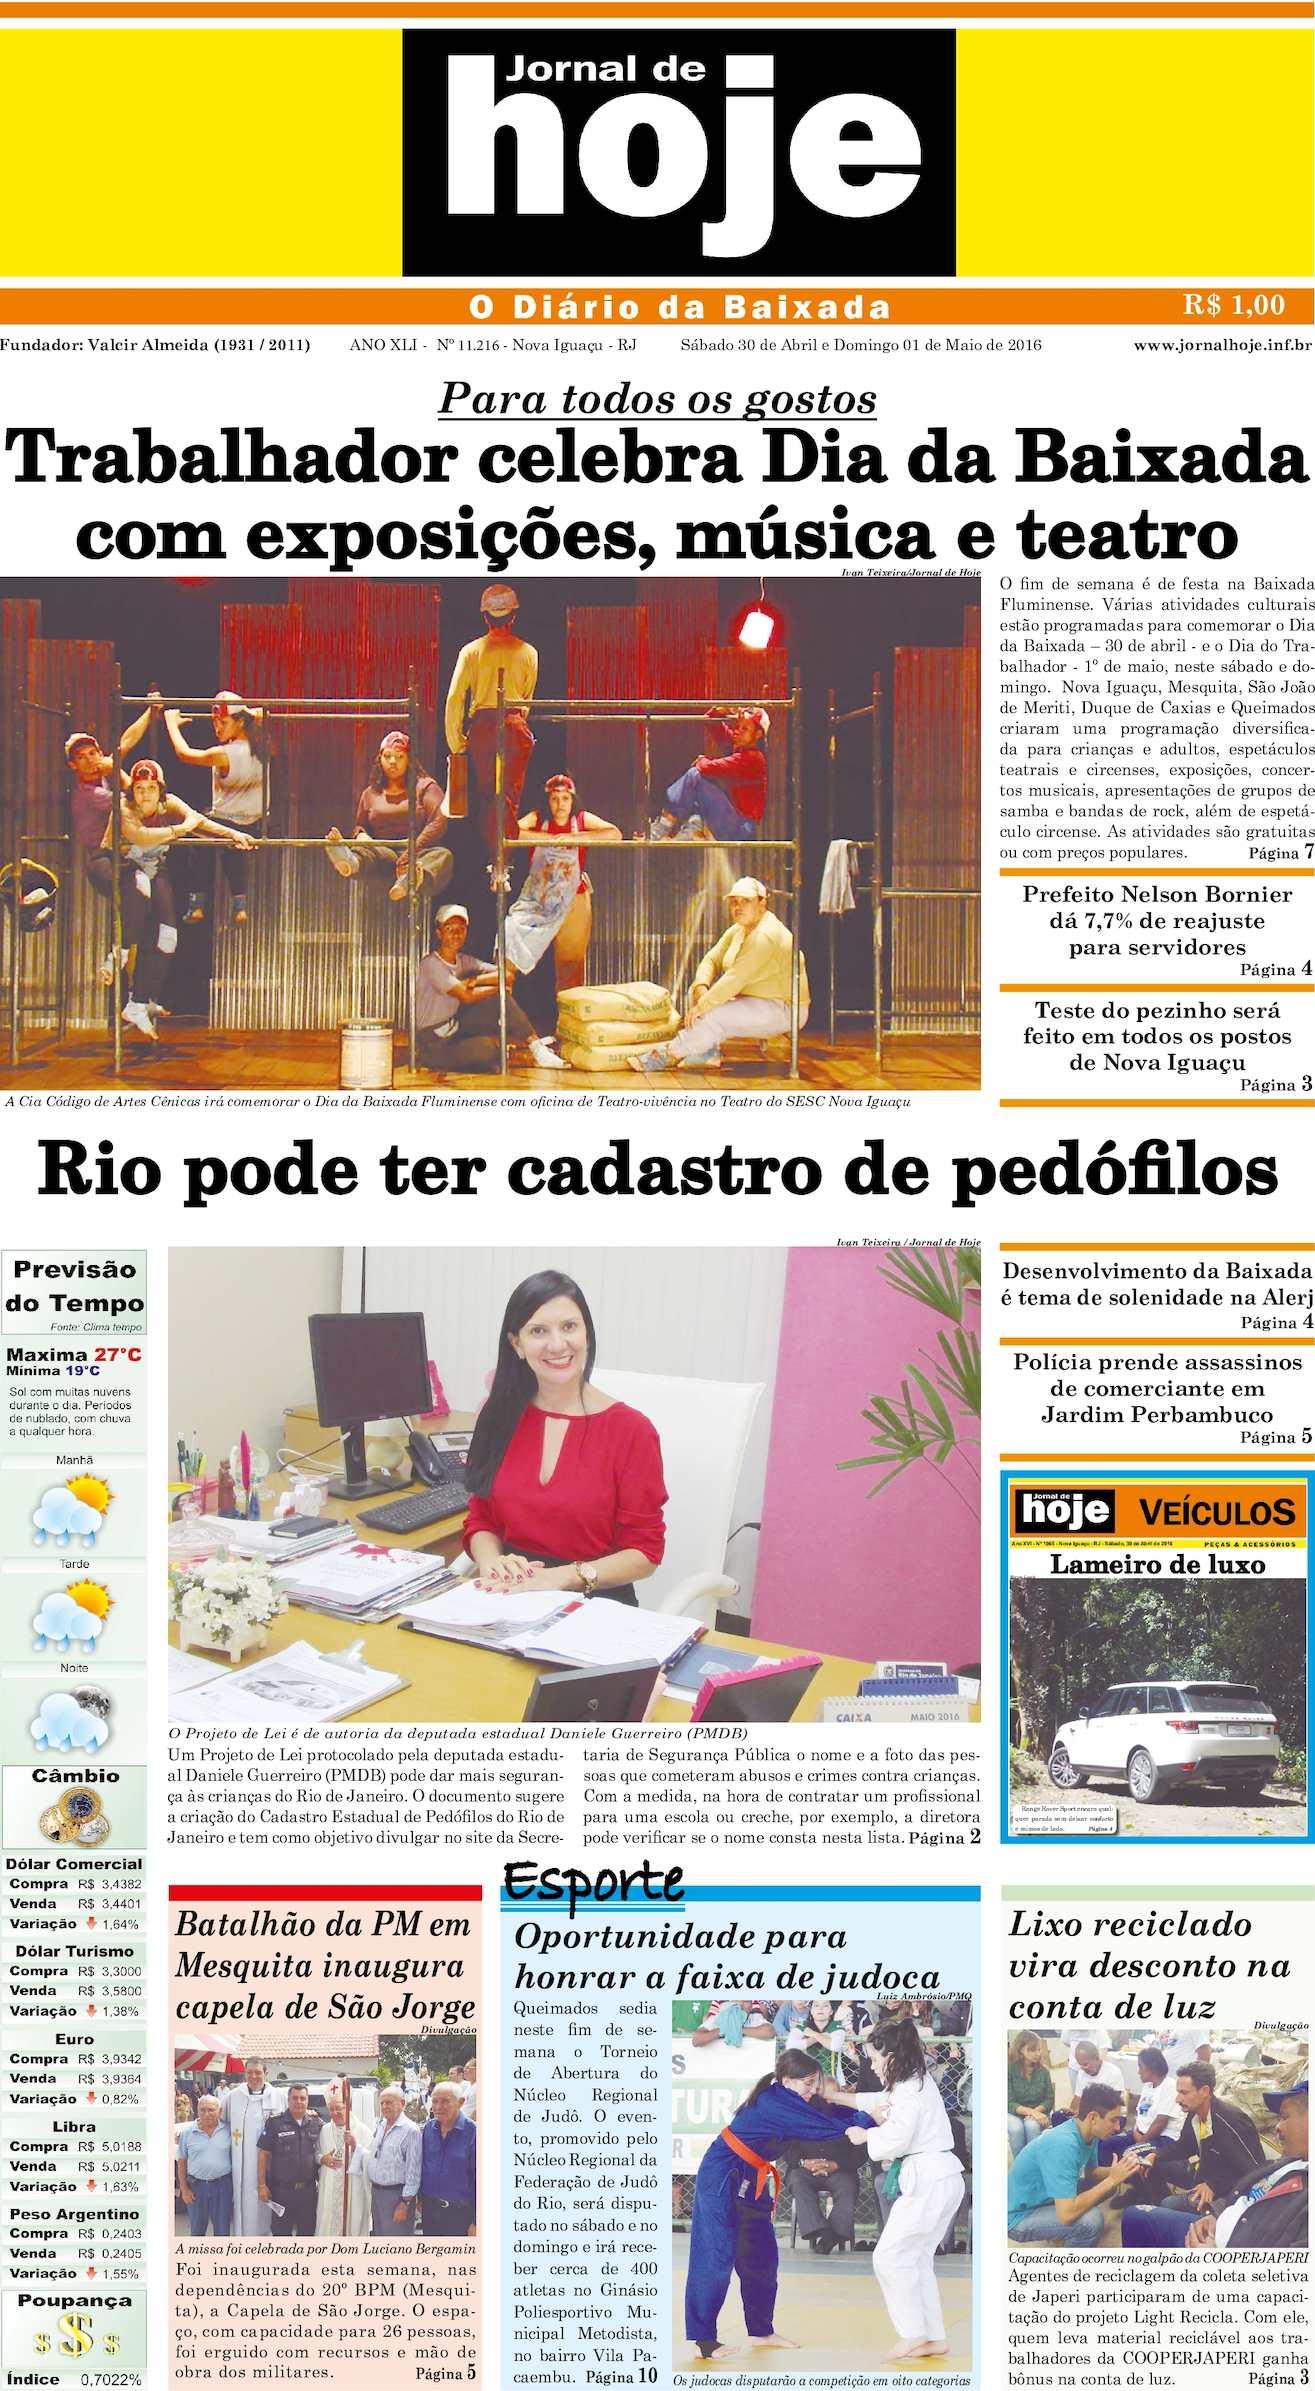 Calaméo - Jornal De Hoje 300416 ddf445fe37626